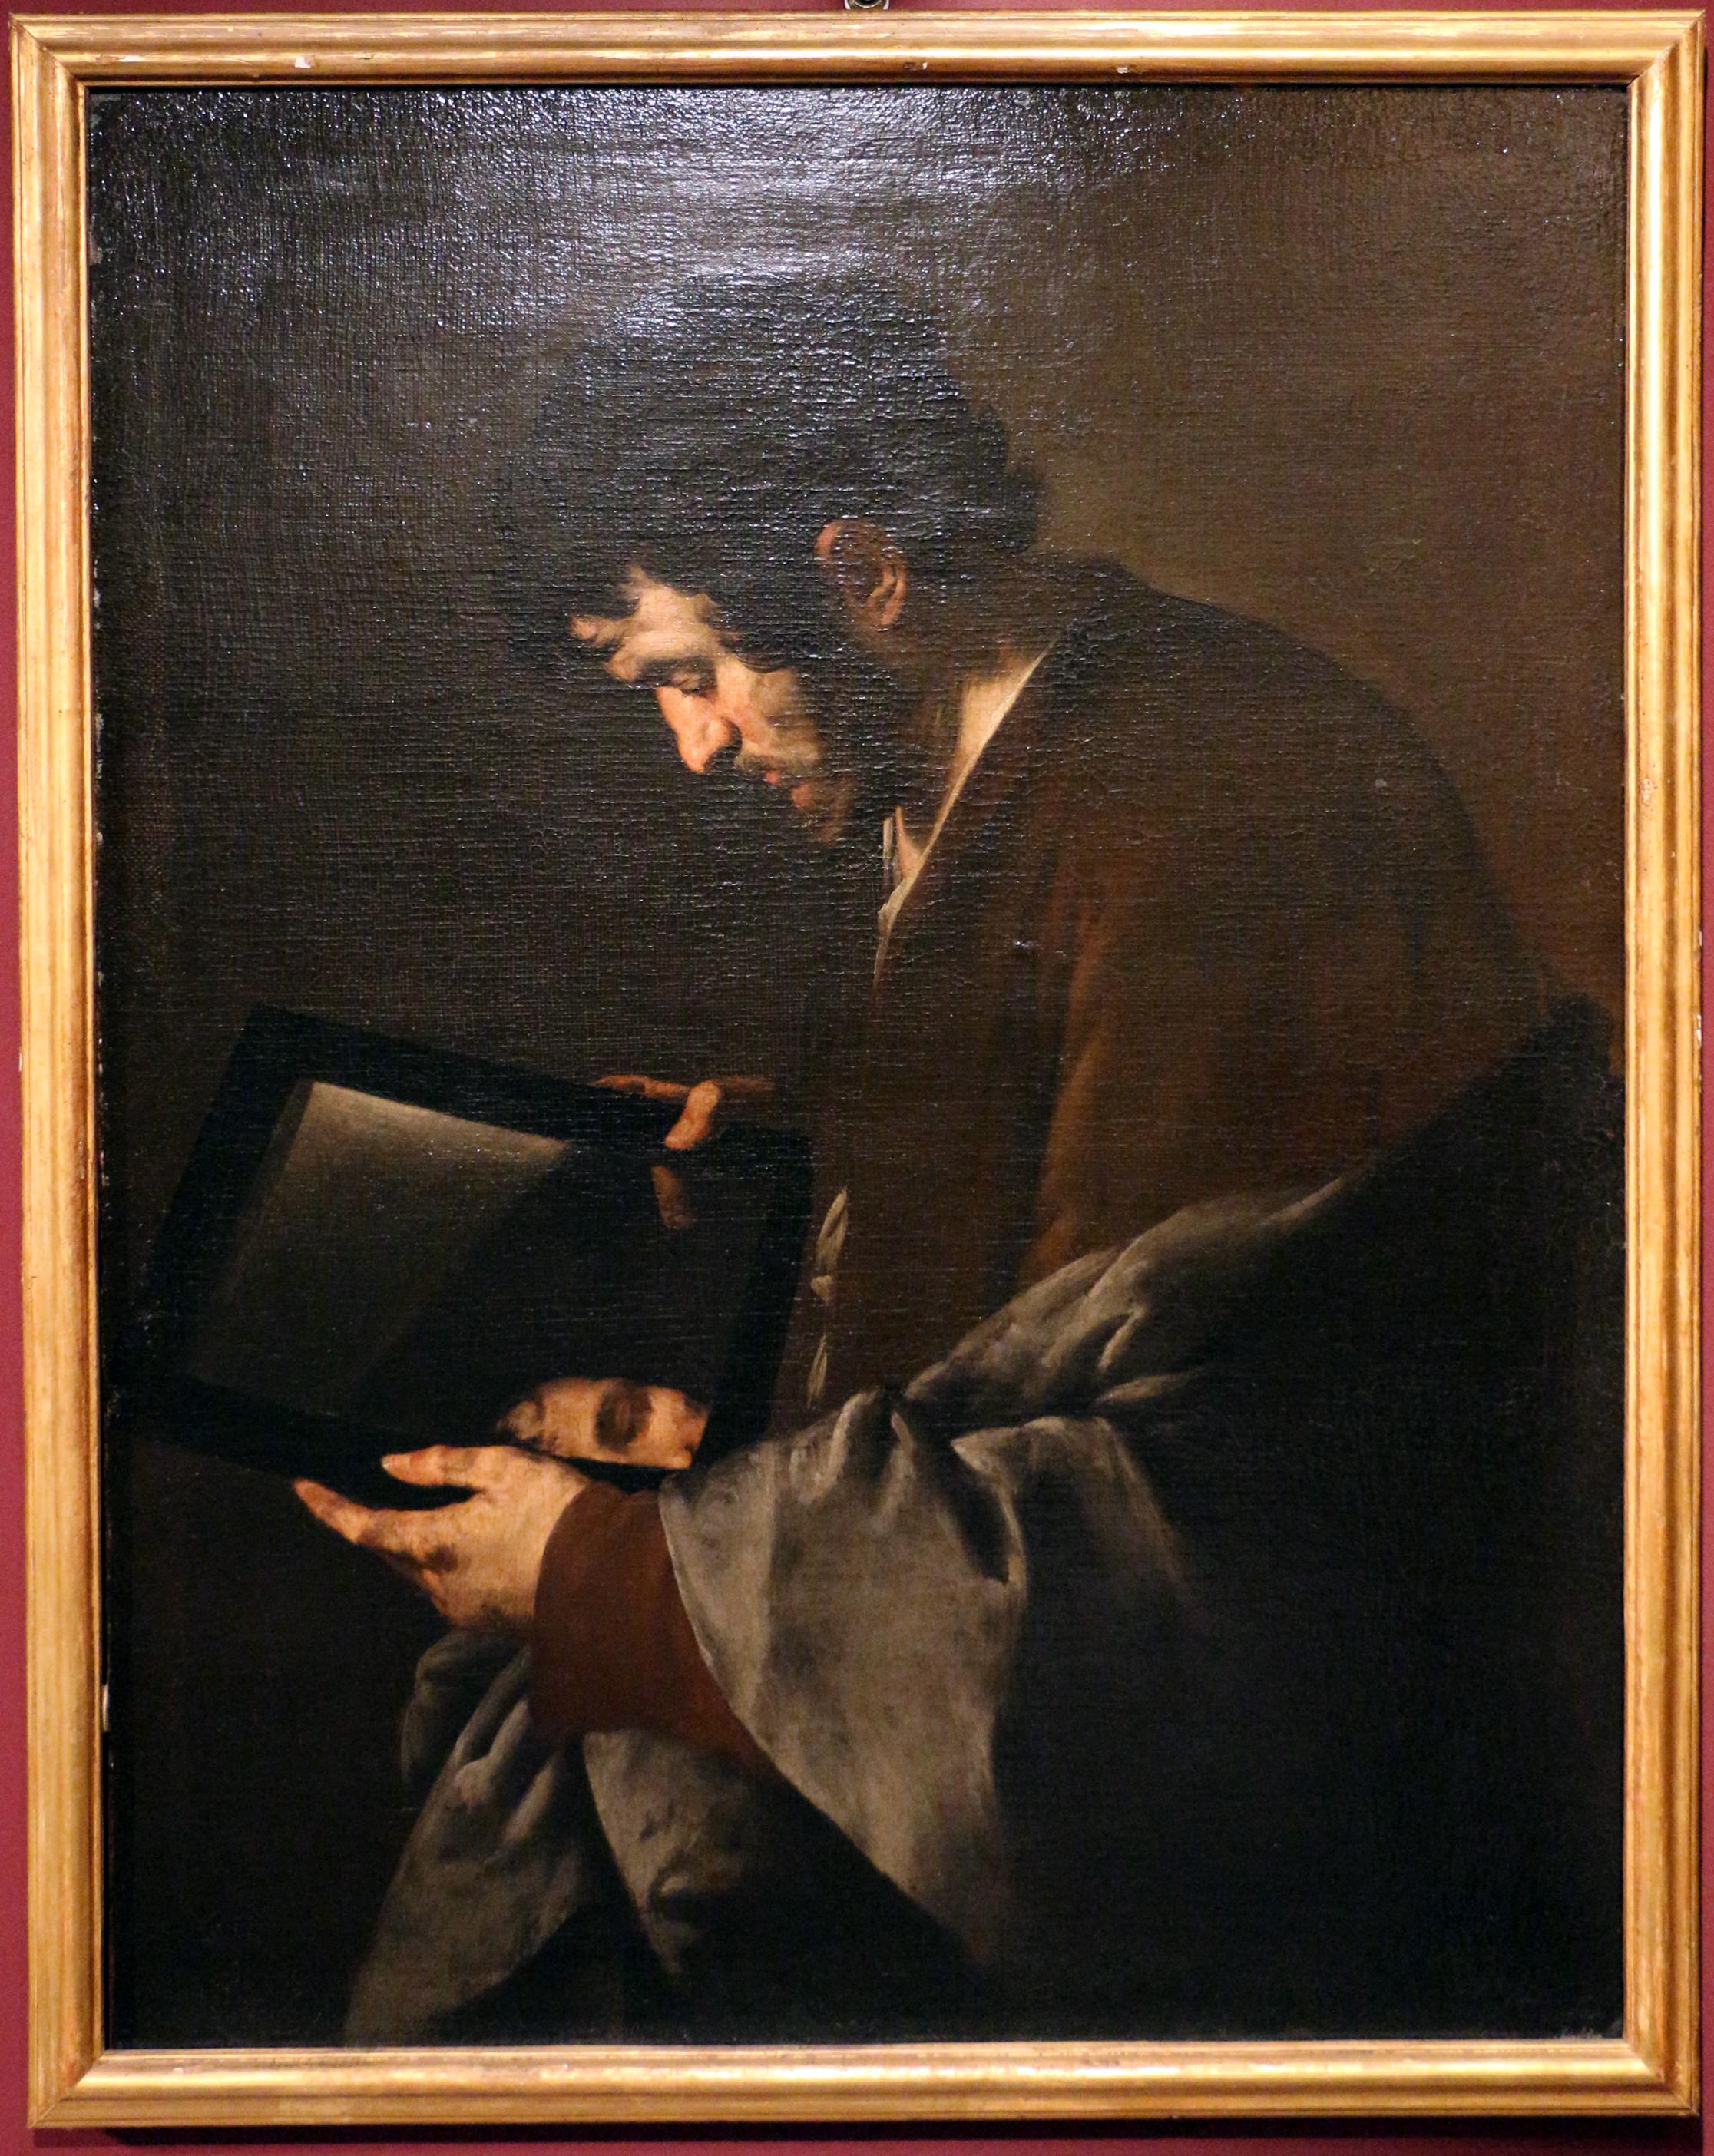 Juan_do, 1630 ca, uomo_allo_specchio,_forse_allegoria_della_vista_(coll._giuseppe_de_vito)_01